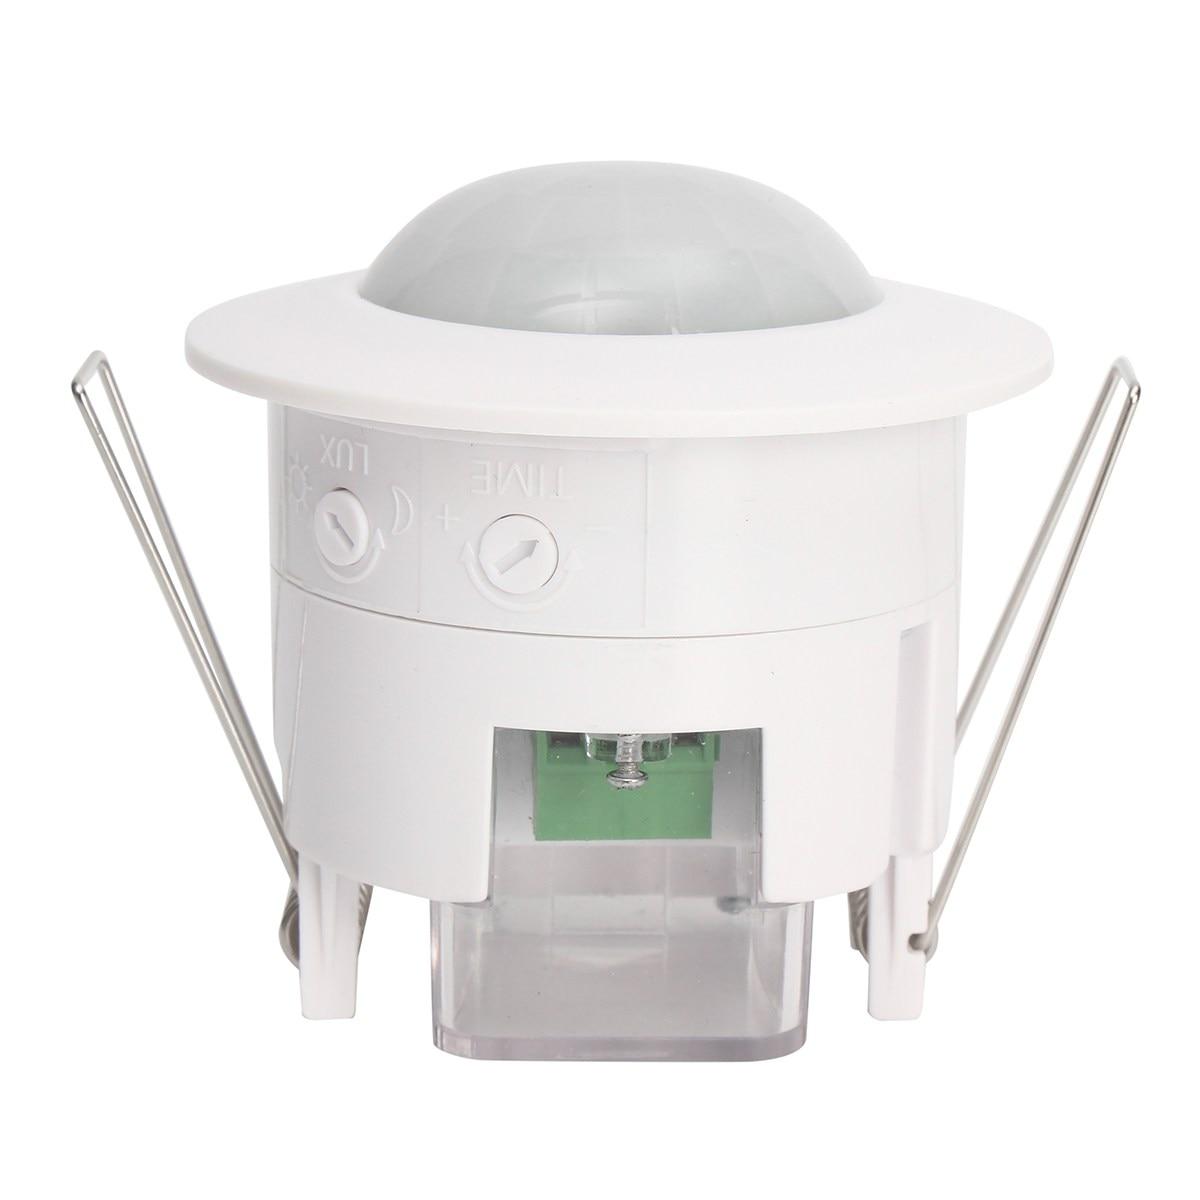 Safurance 110V-240V Infrared Ceiling PIR Body Motion Sensor Detector Light Lamp Switch 360 Home Automation safurance 6 led bulbs pir sensor motion detector light lamp black motion sensor home security safety